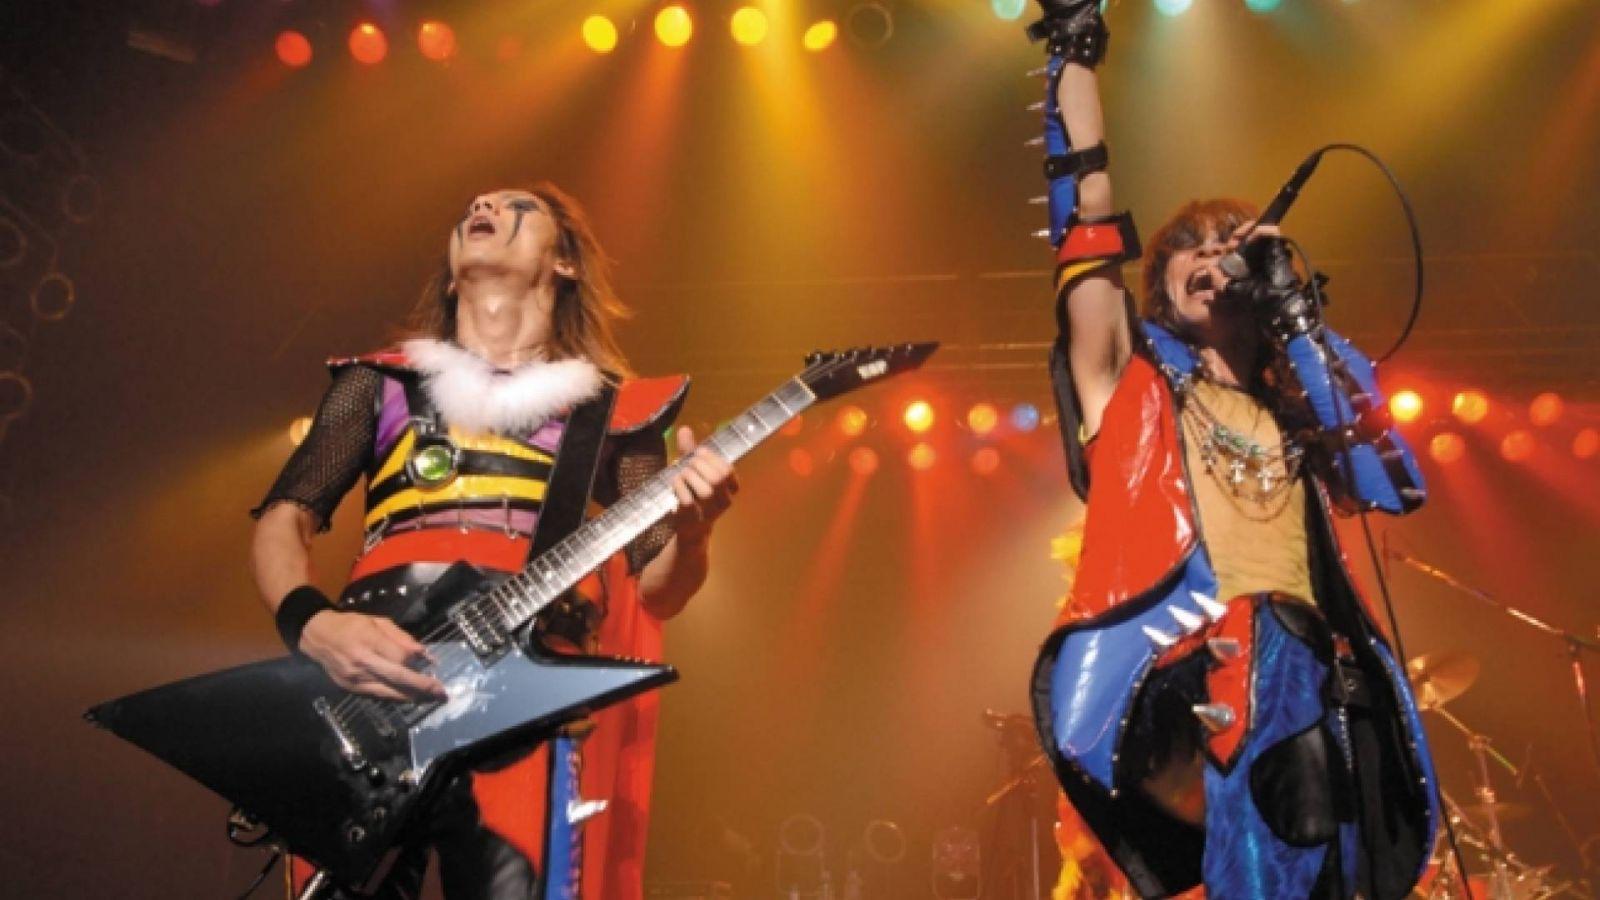 Concierto por el 10º aniversario de ANIMETAL  [Songs For Everlasting Future] final del tour  en el Zepp Tokyo © Animetal